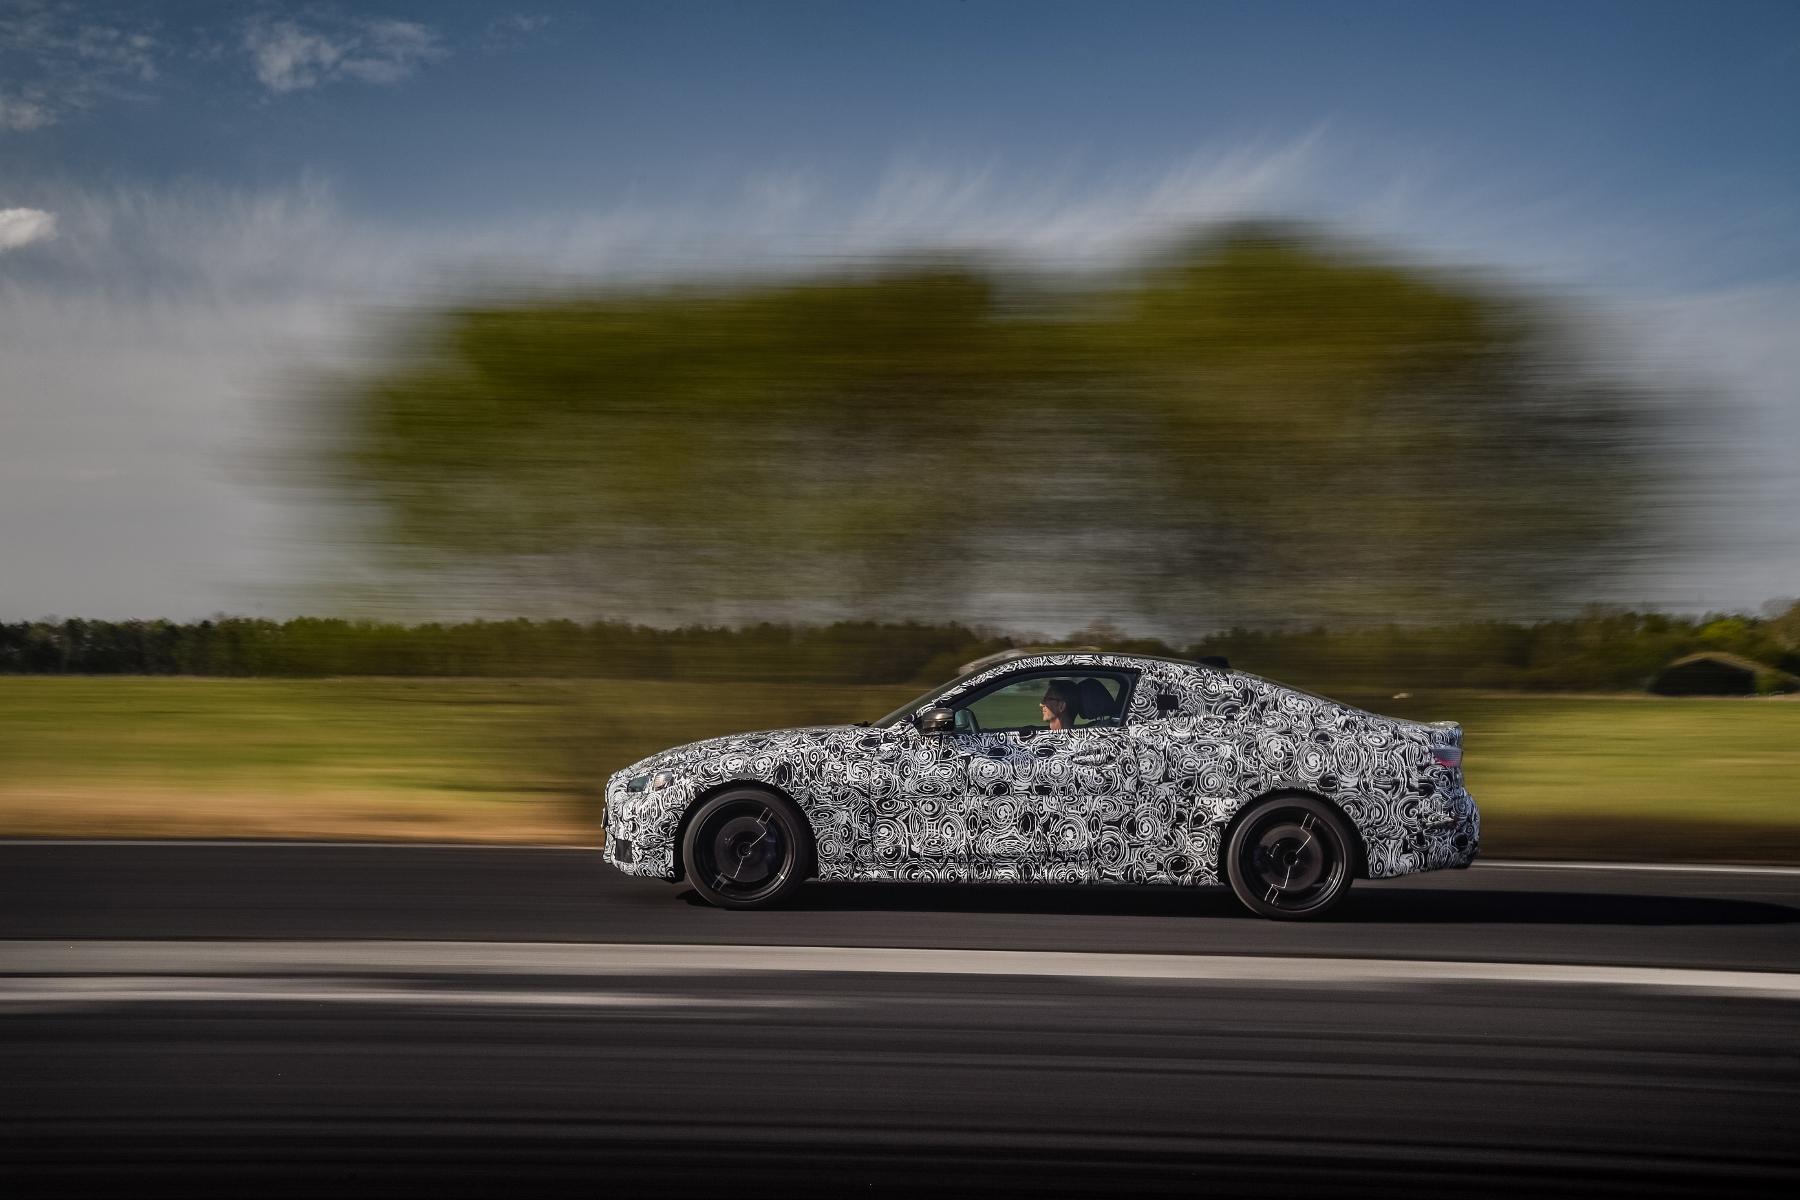 Nové BMW radu 4 Coupé dostane športovejší podvozok GY6KW0sluY bmw-4-coupe-10